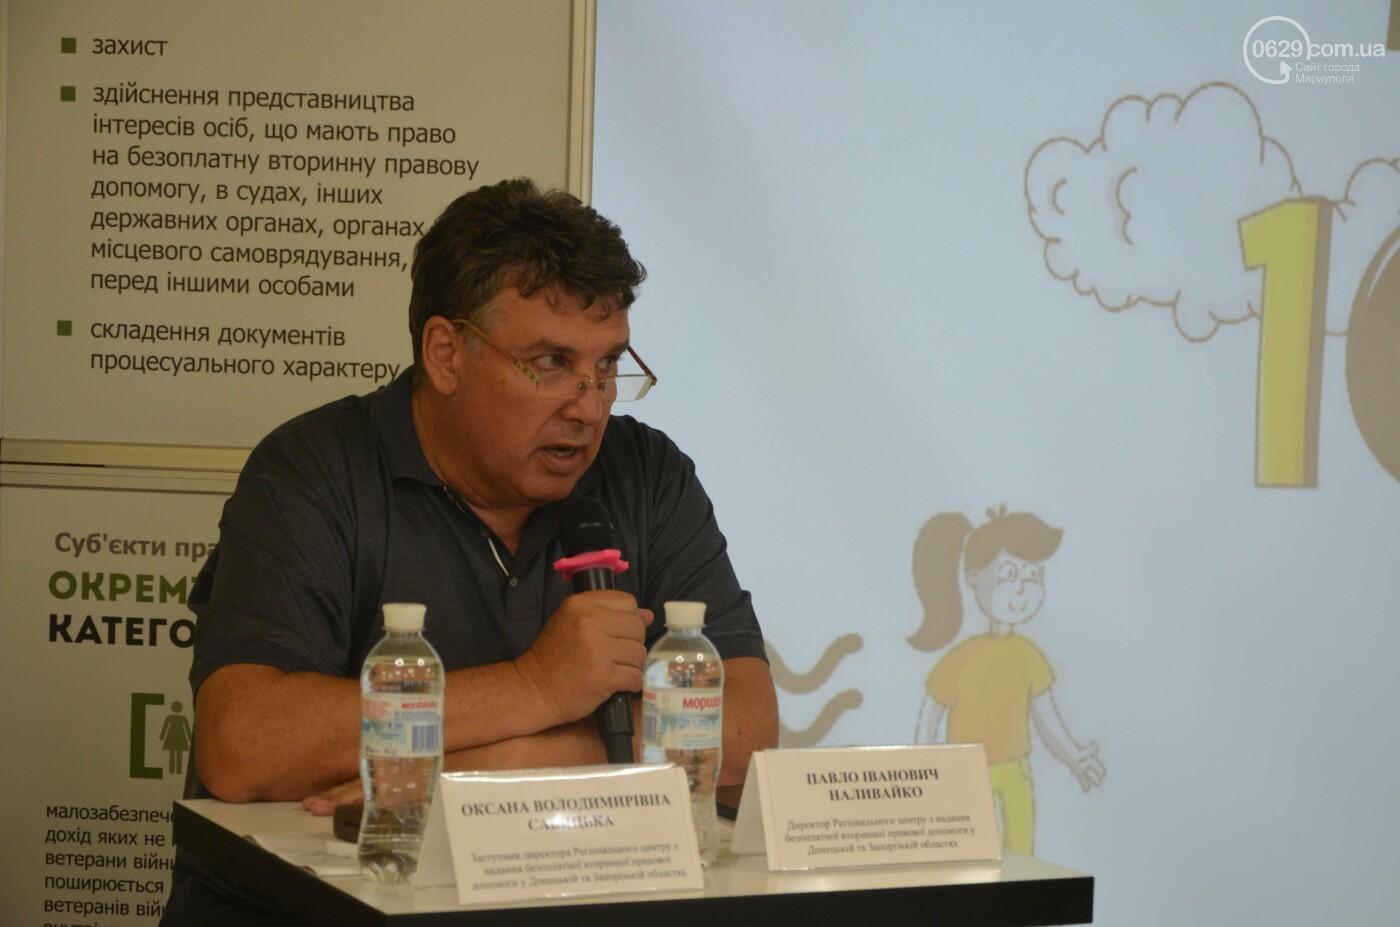 Что такое медиация в Мариуполе и зачем она нужна несовершеннолетним правонарушителям, - ФОТОРЕПОРТАЖ, фото-2